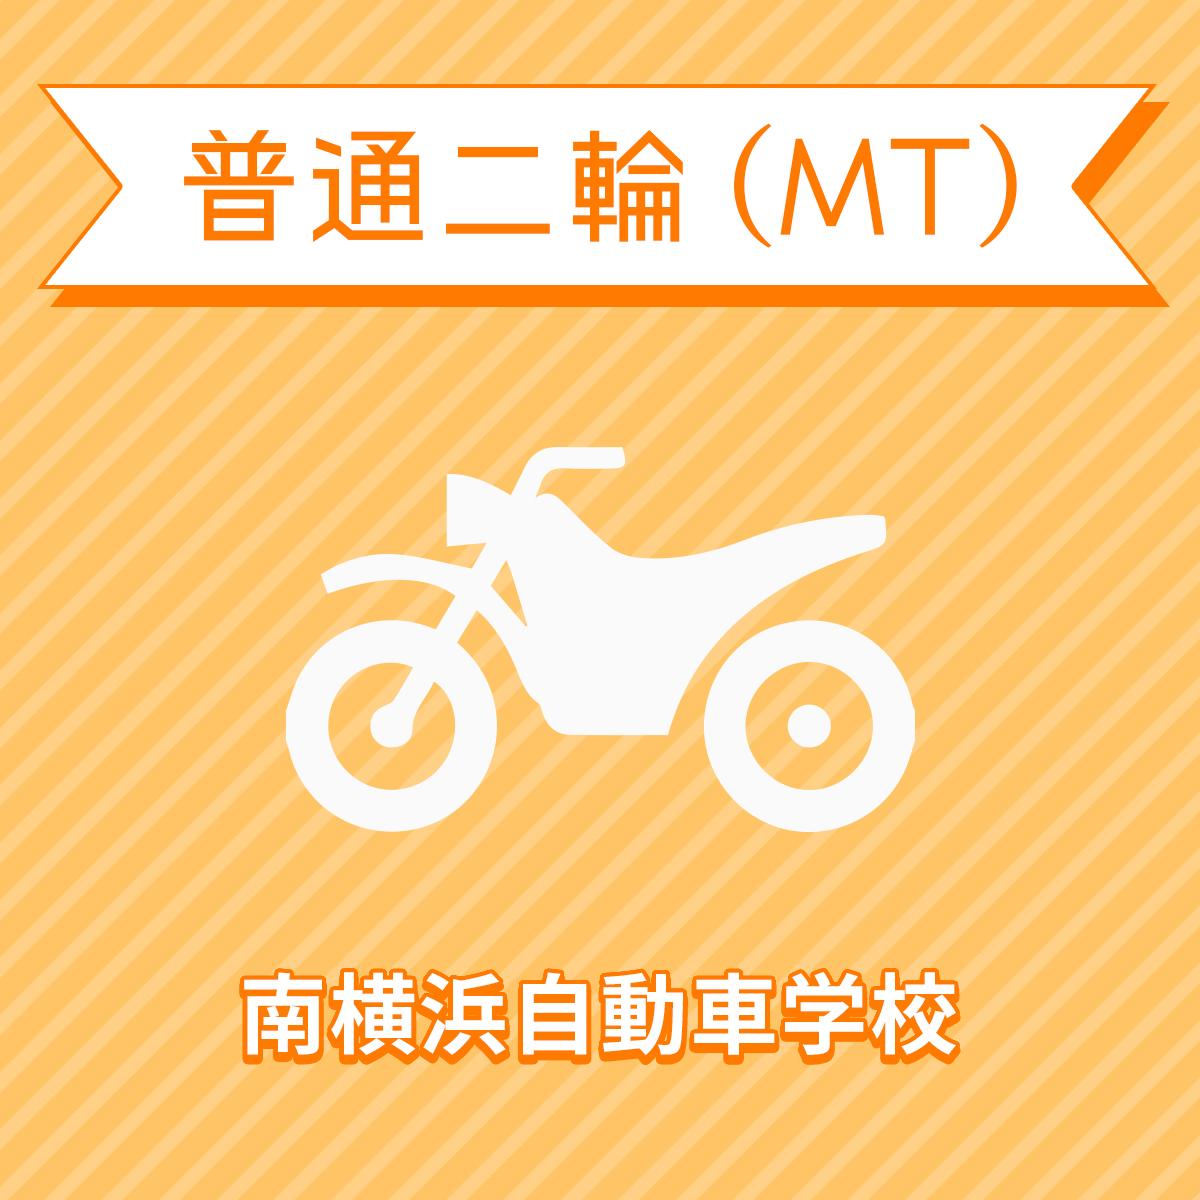 【神奈川県横浜市】普通二輪MTコース(通常料金)<免許なし/原付免許所持対象>